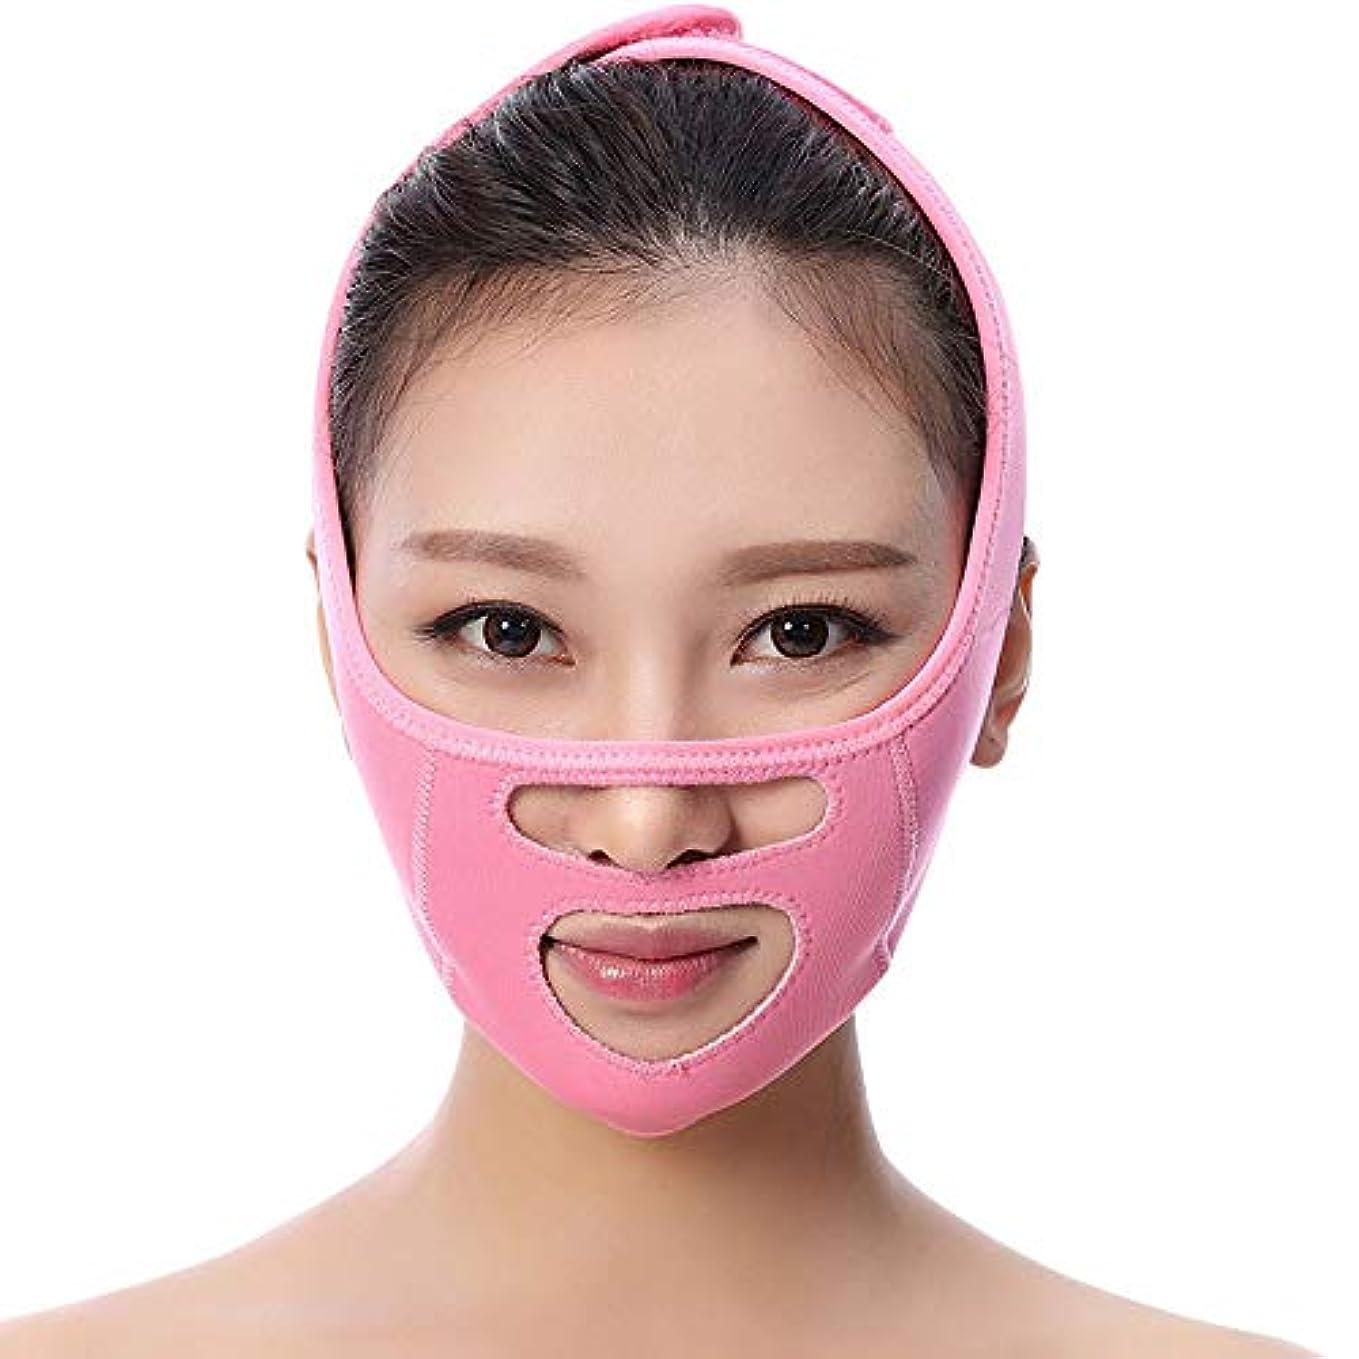 預言者コインランドリーに沿ってフェイスリフトマスク、薄型フェイスベルトを眠らせる/フェイスフェイスリフトアーチファクト(ブルー/ピンク)を令状にするために美容フェイスリフト包帯を強化,Pink